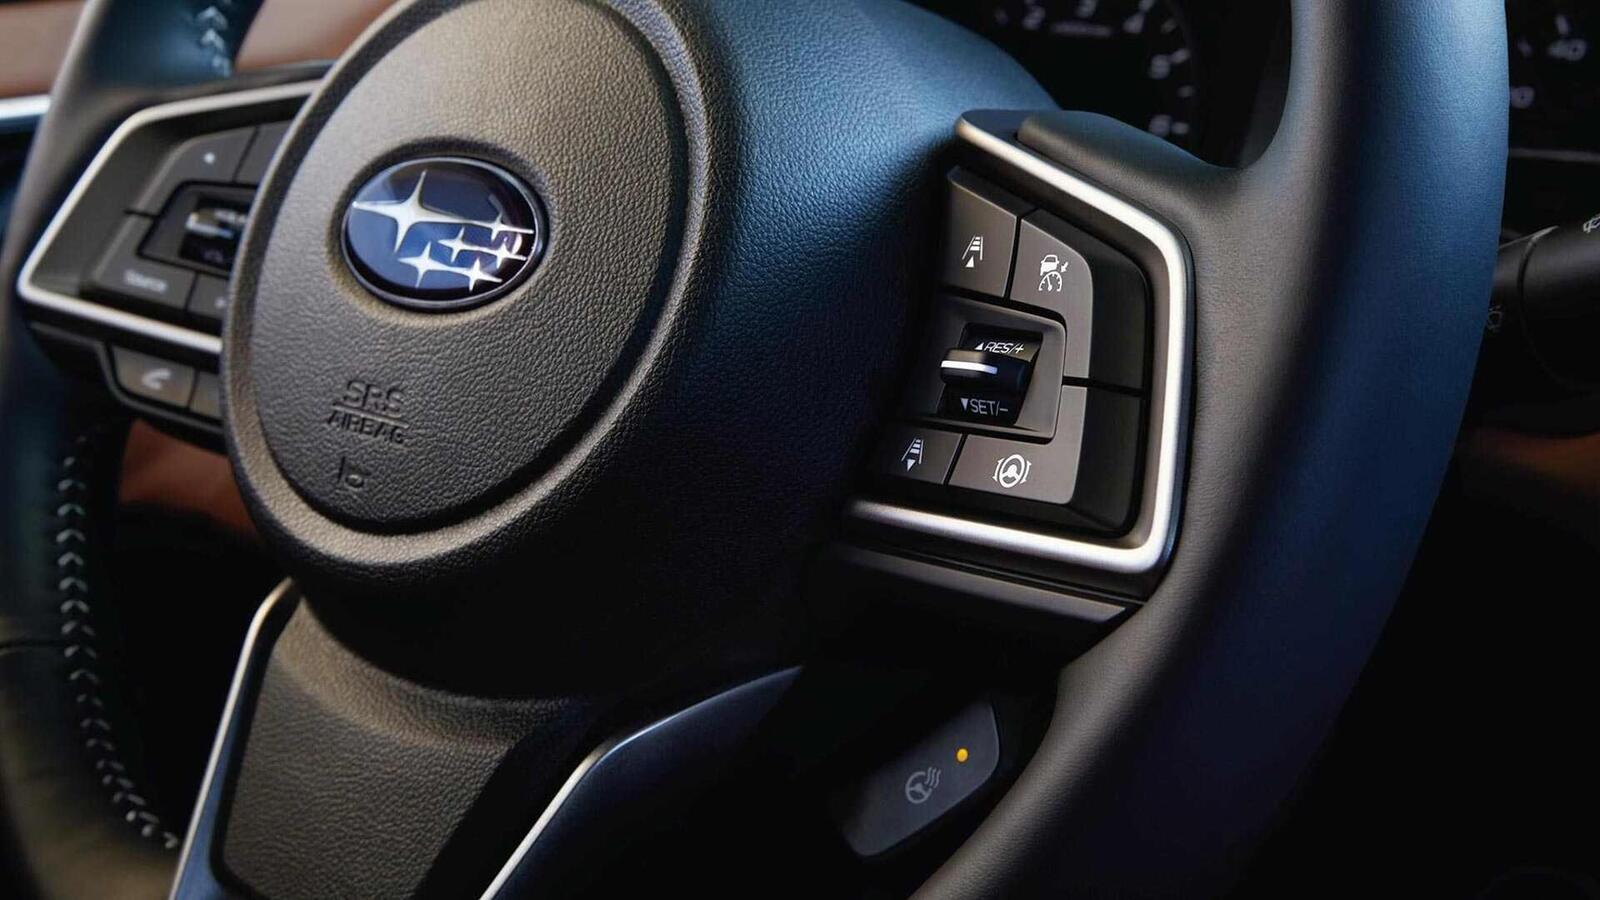 Subaru Legacy thế hệ mới ra mắt; đổi mới thiết kế; có thêm động cơ 2.5L tăng áp - Hình 10